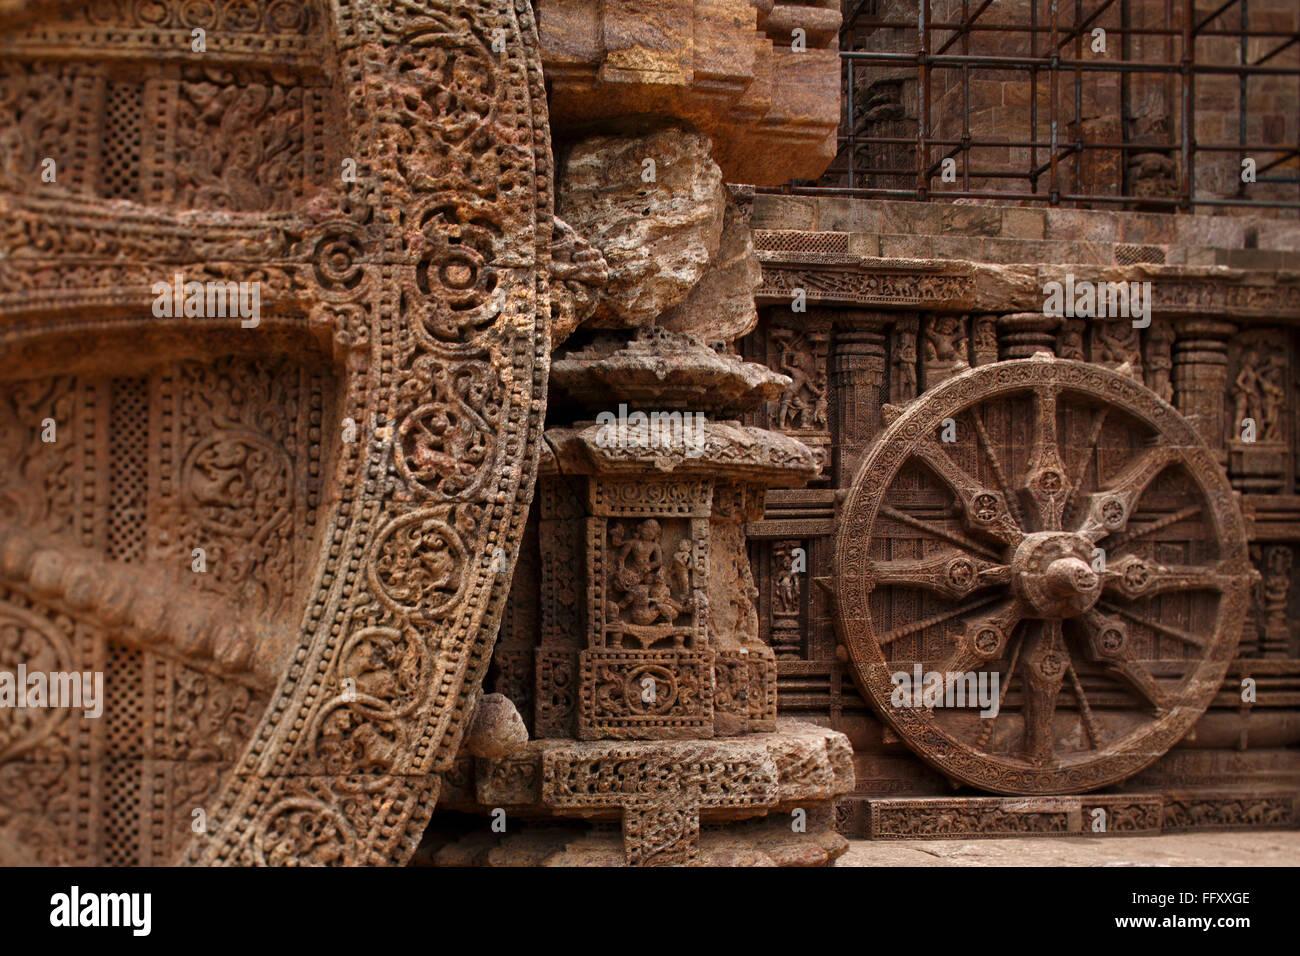 Roue de char du dieu Soleil au temple du Soleil , Orissa , site du patrimoine mondial de l'Inde Photo Stock